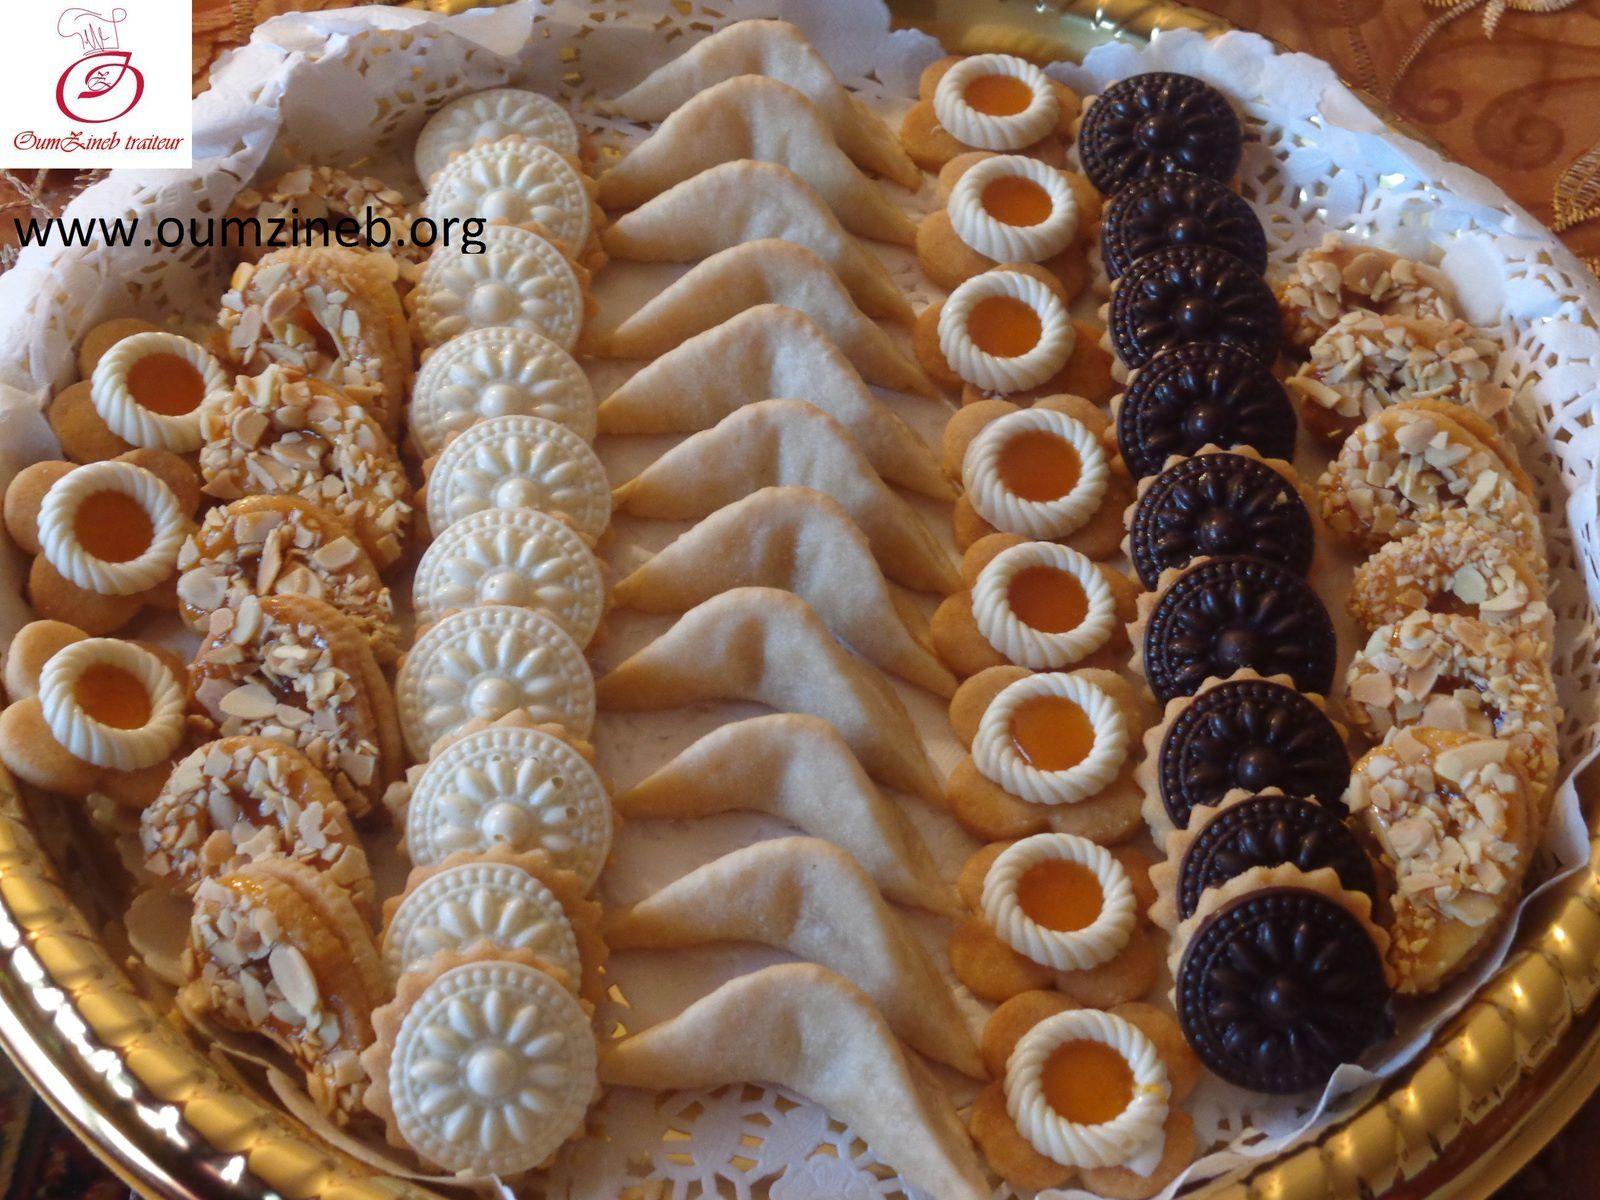 gateaux marocain - www.oumzineb.org